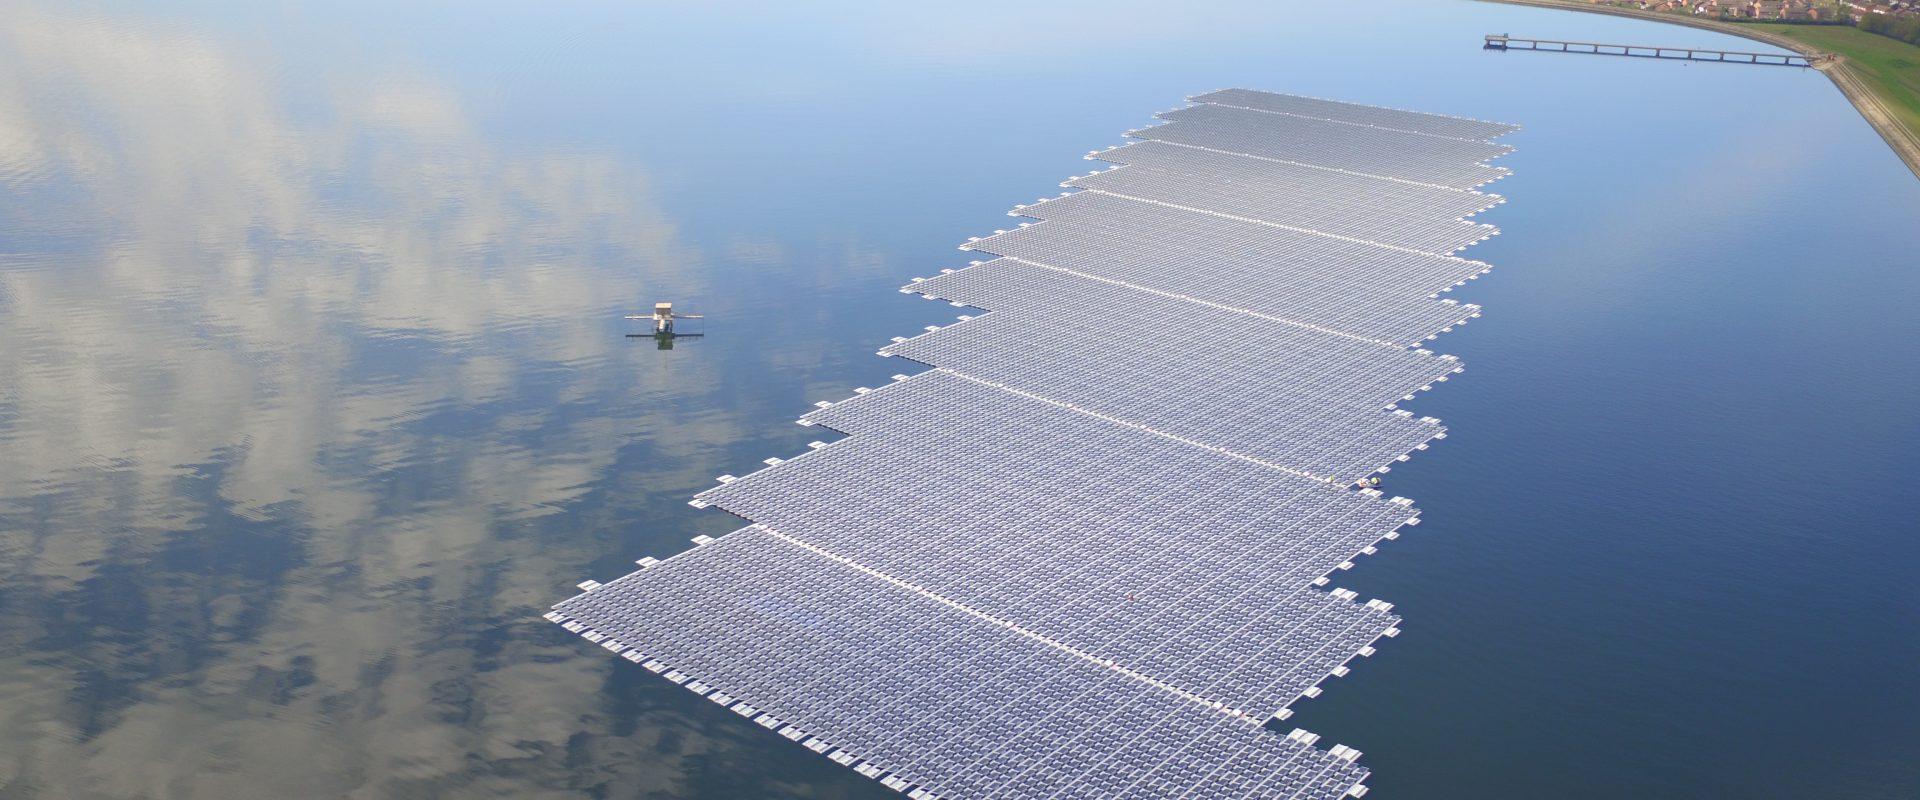 Queen Elizabeth II Reservoir (image: Lightsource BP)